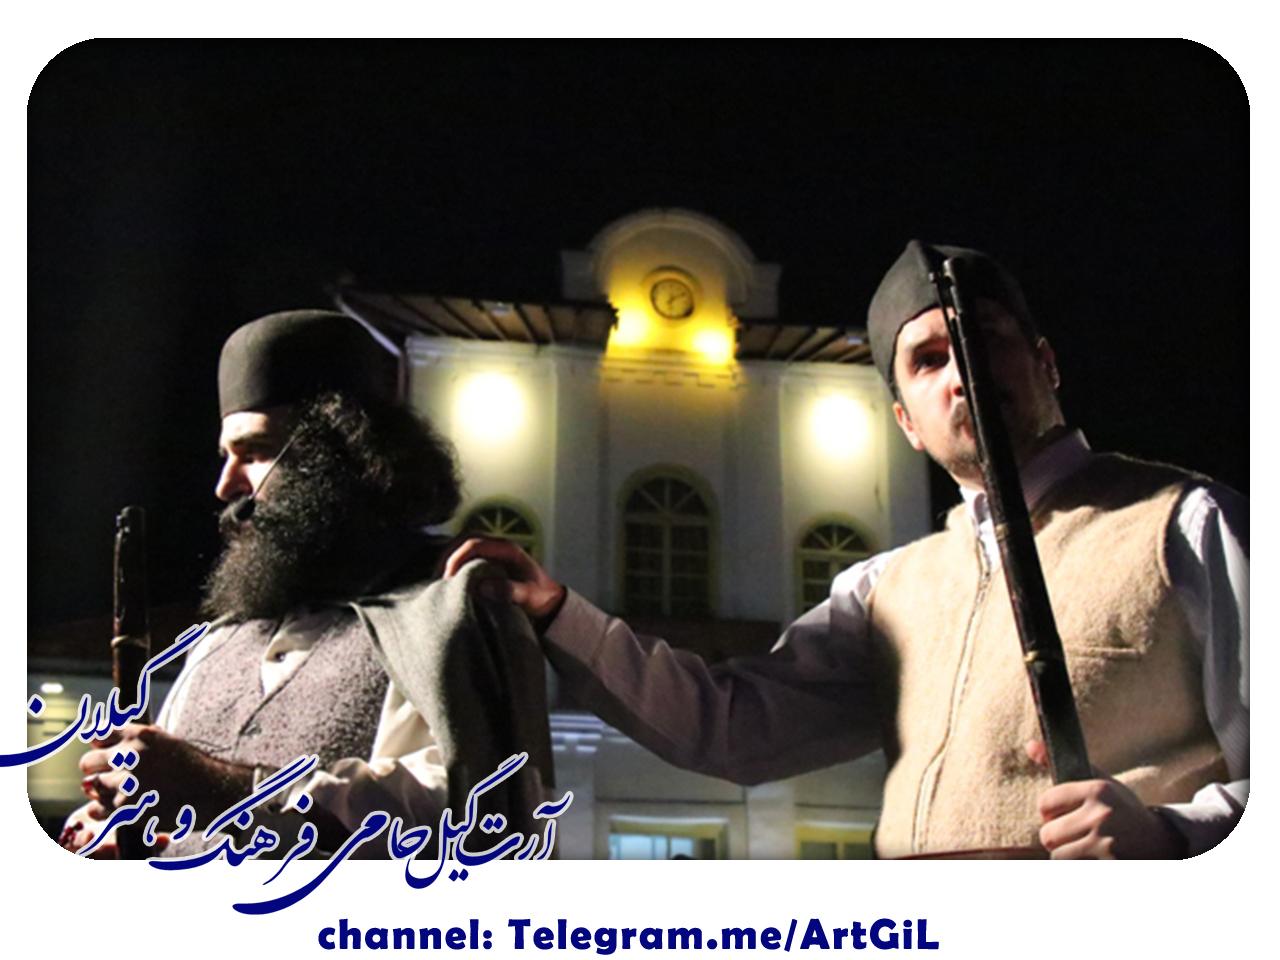 تئاتر خیابانی میرزاکوچک خان مصادف با سالگرد شهادت میرزا کوچک خان جنگلی در پیاده راه فرهنگی شهدای ذهاب (شهرداری رشت )